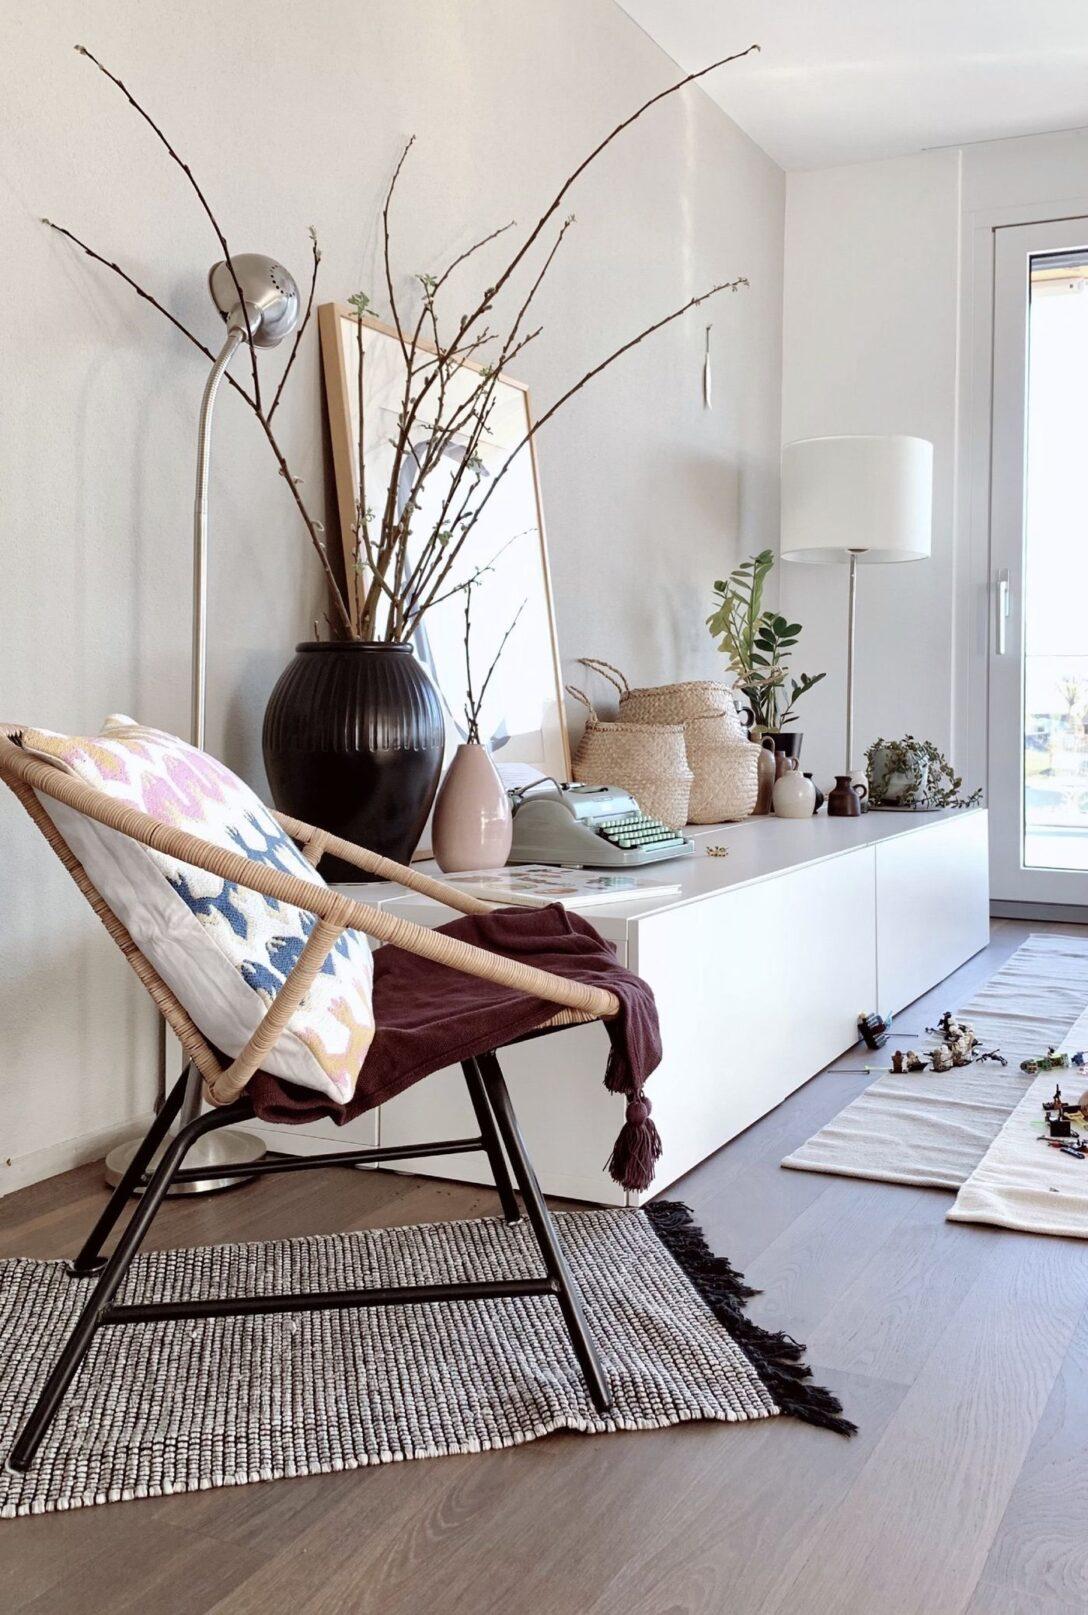 Large Size of Ikea Hack Sitzbank Küche Wandverkleidung Raffrollo Wasserhahn Für Modulküche Holz Glaswand Stehhilfe Niederdruck Armatur Mit Lehne Selbst Zusammenstellen Wohnzimmer Ikea Hack Sitzbank Küche